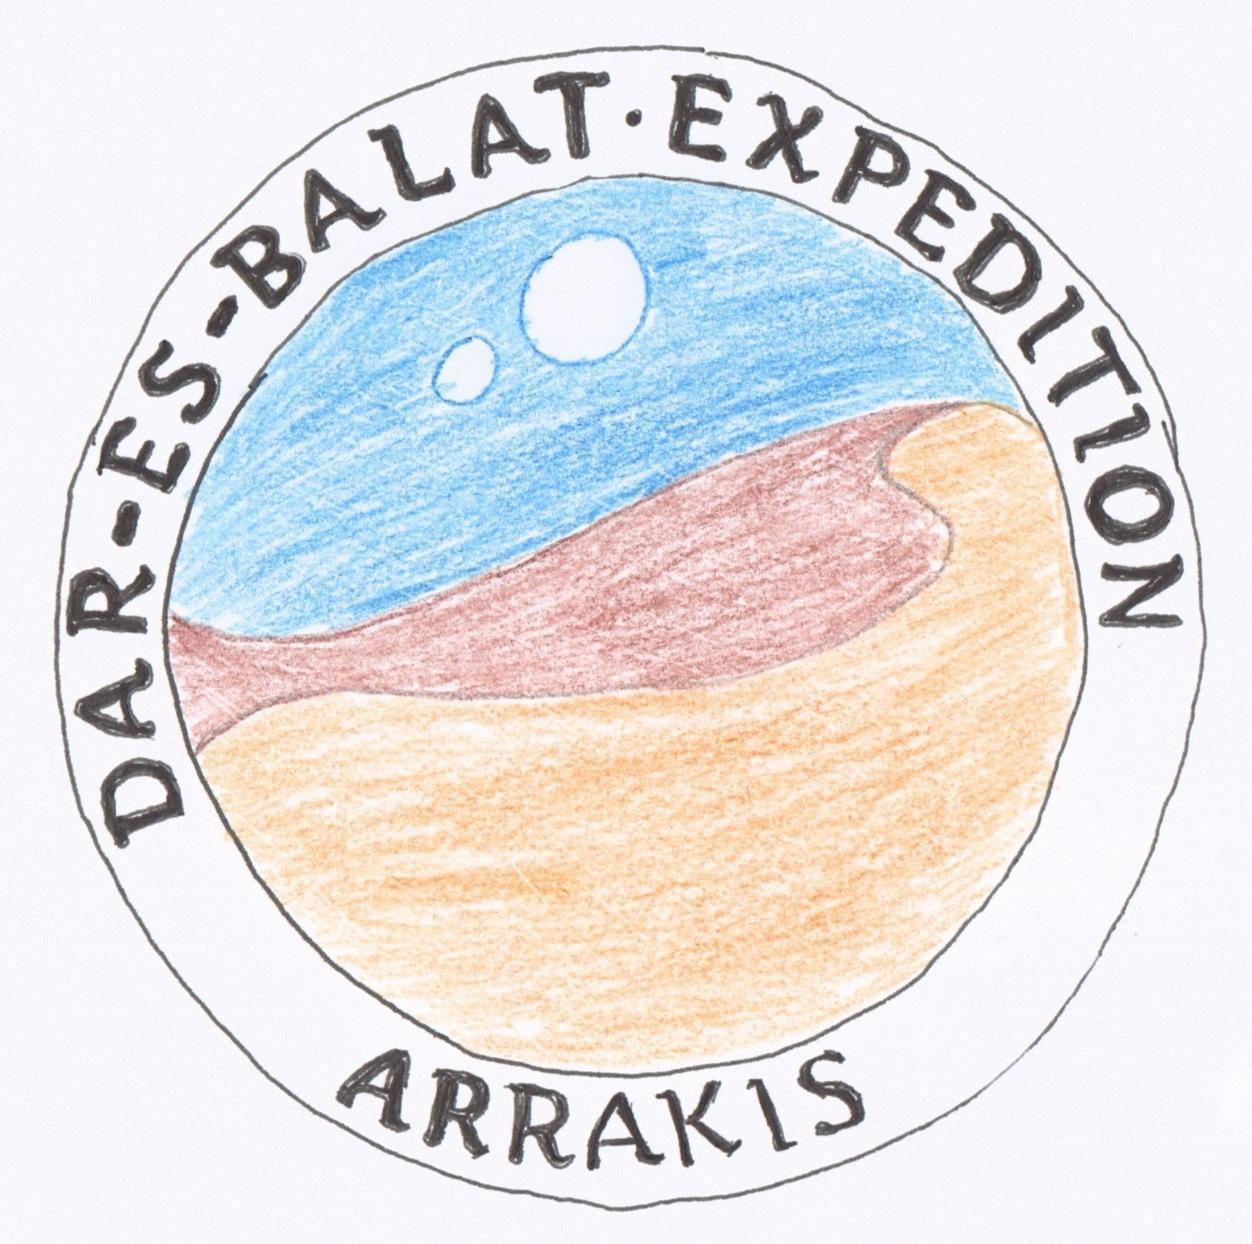 Dar-es-Balat Dig Team - image 10 - student project